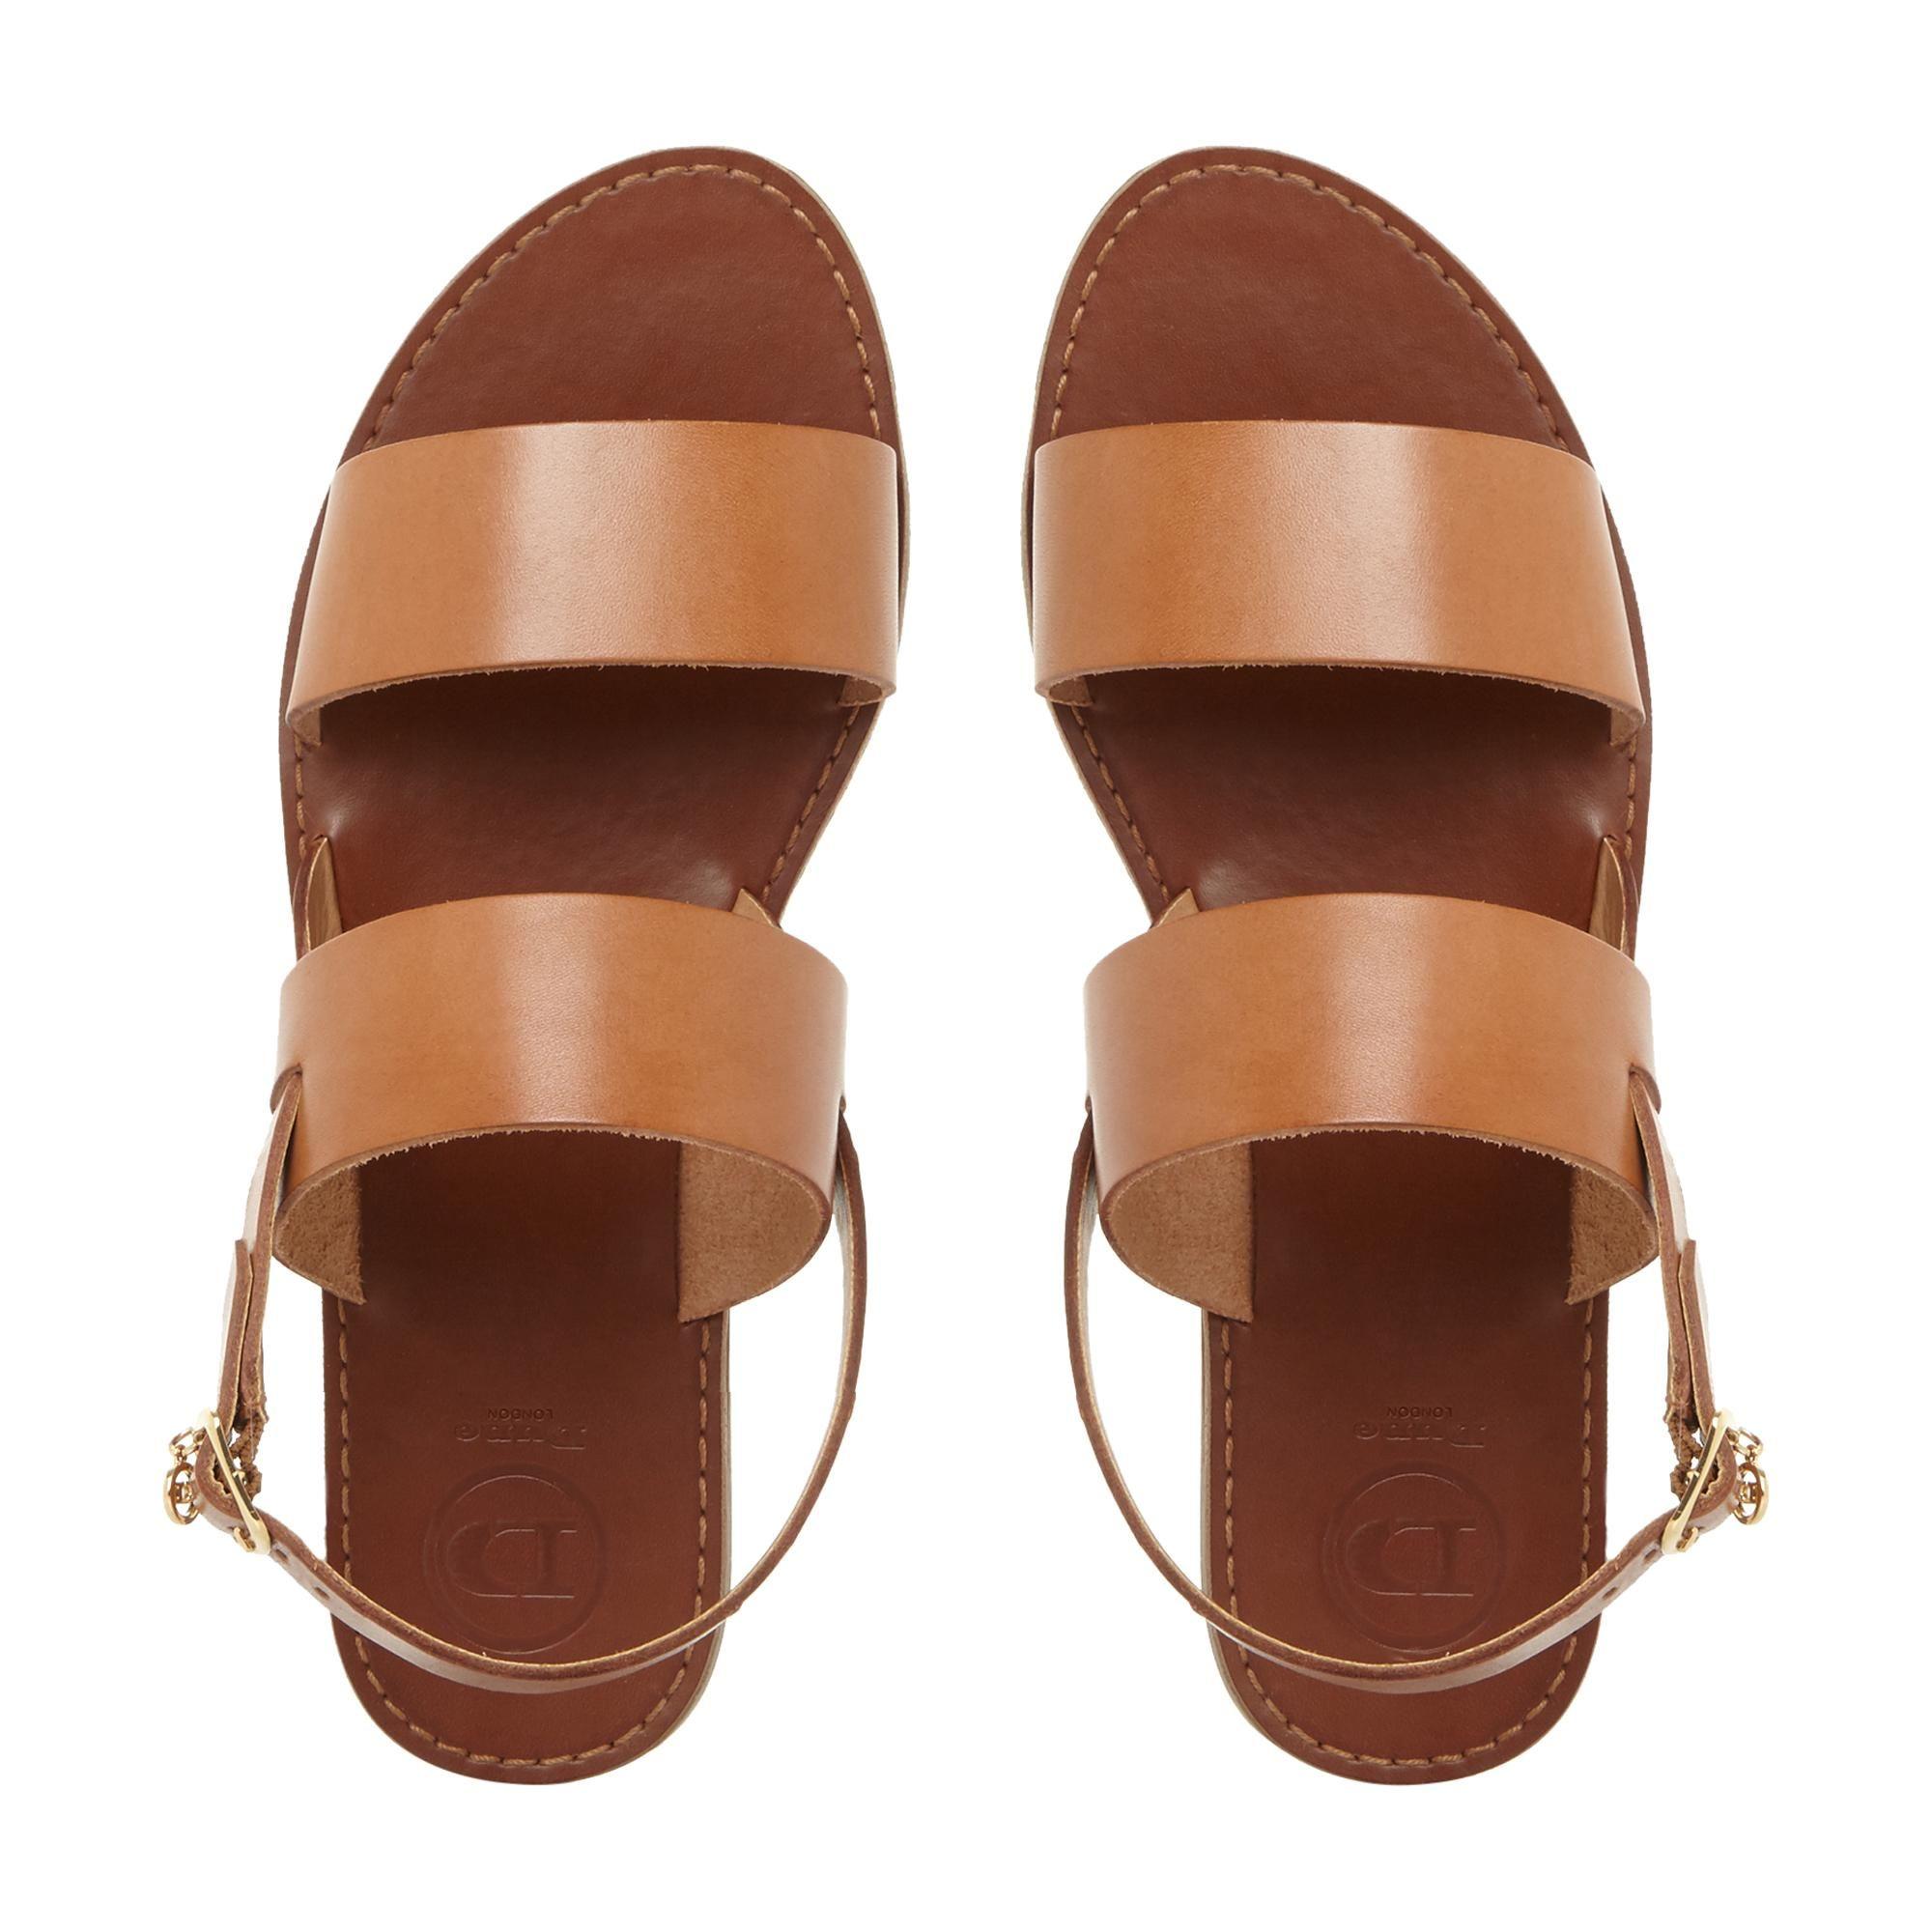 Dune Ladies LOWPEZ Double Strap Flat Sandals